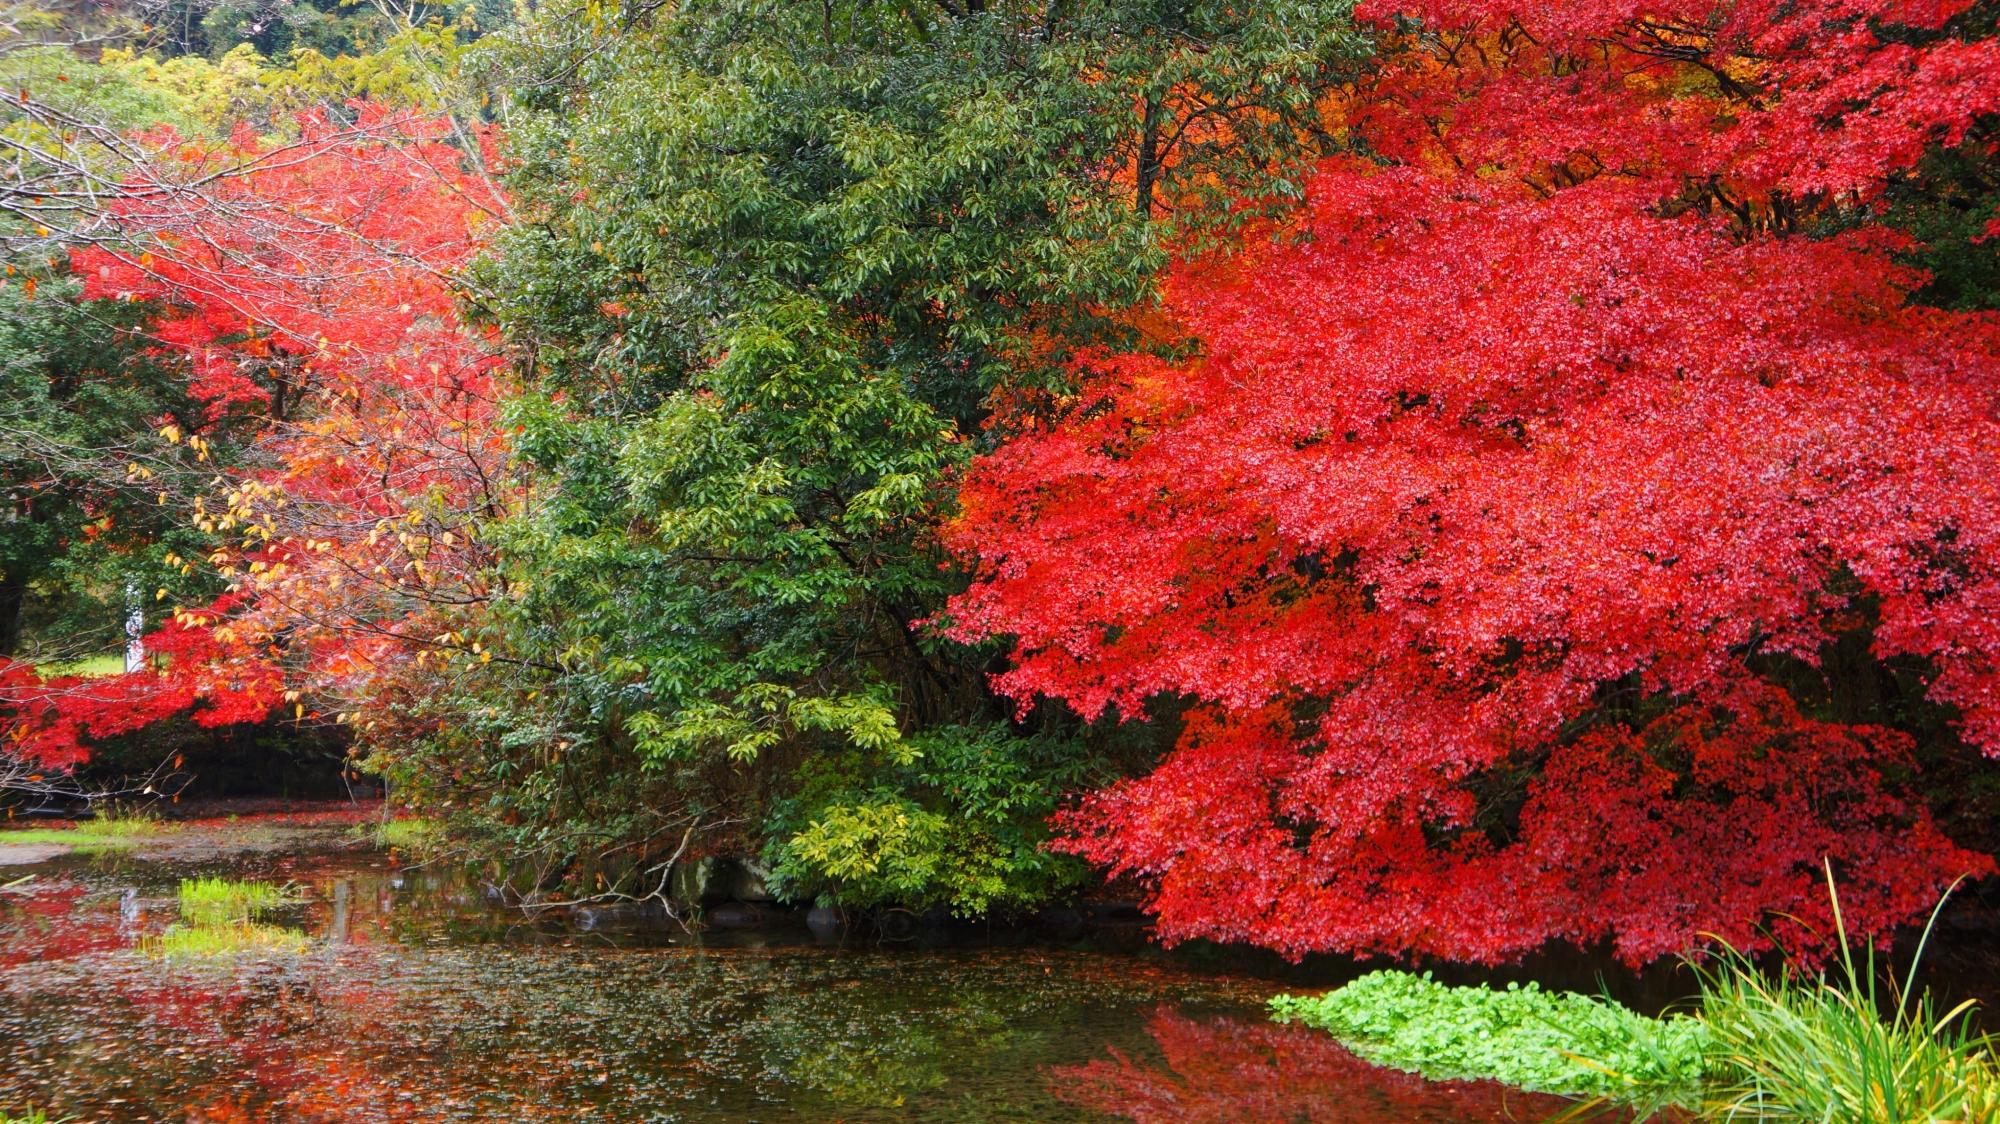 八瀬の池の畔の圧巻の紅葉